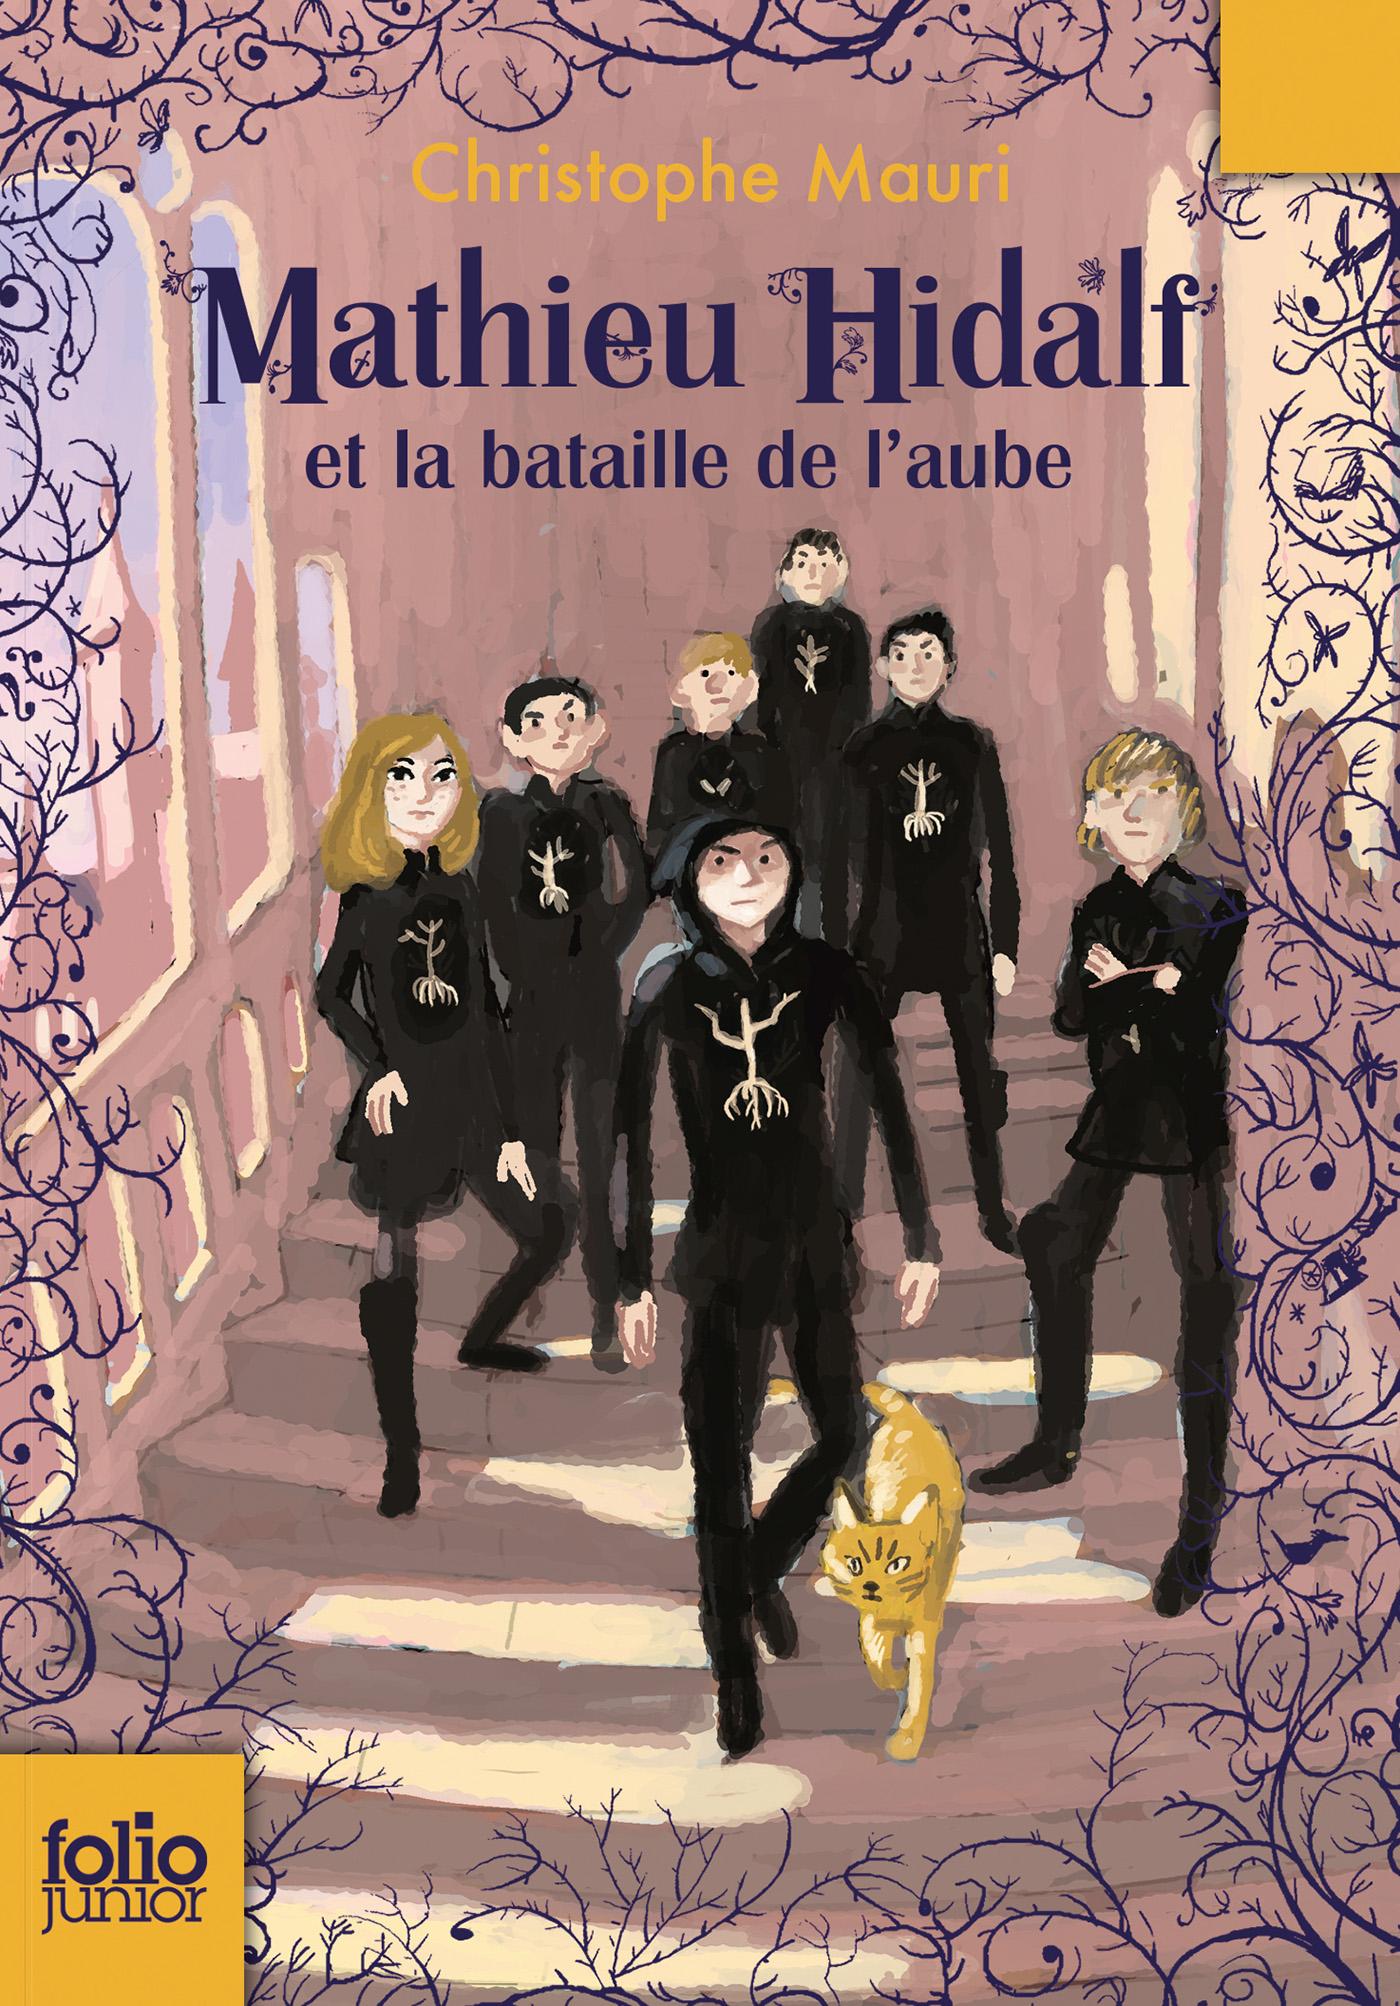 Mathieu Hidalf (Tome 4) - Mathieu Hidalf et la bataille de l'aube | Mauri, Christophe